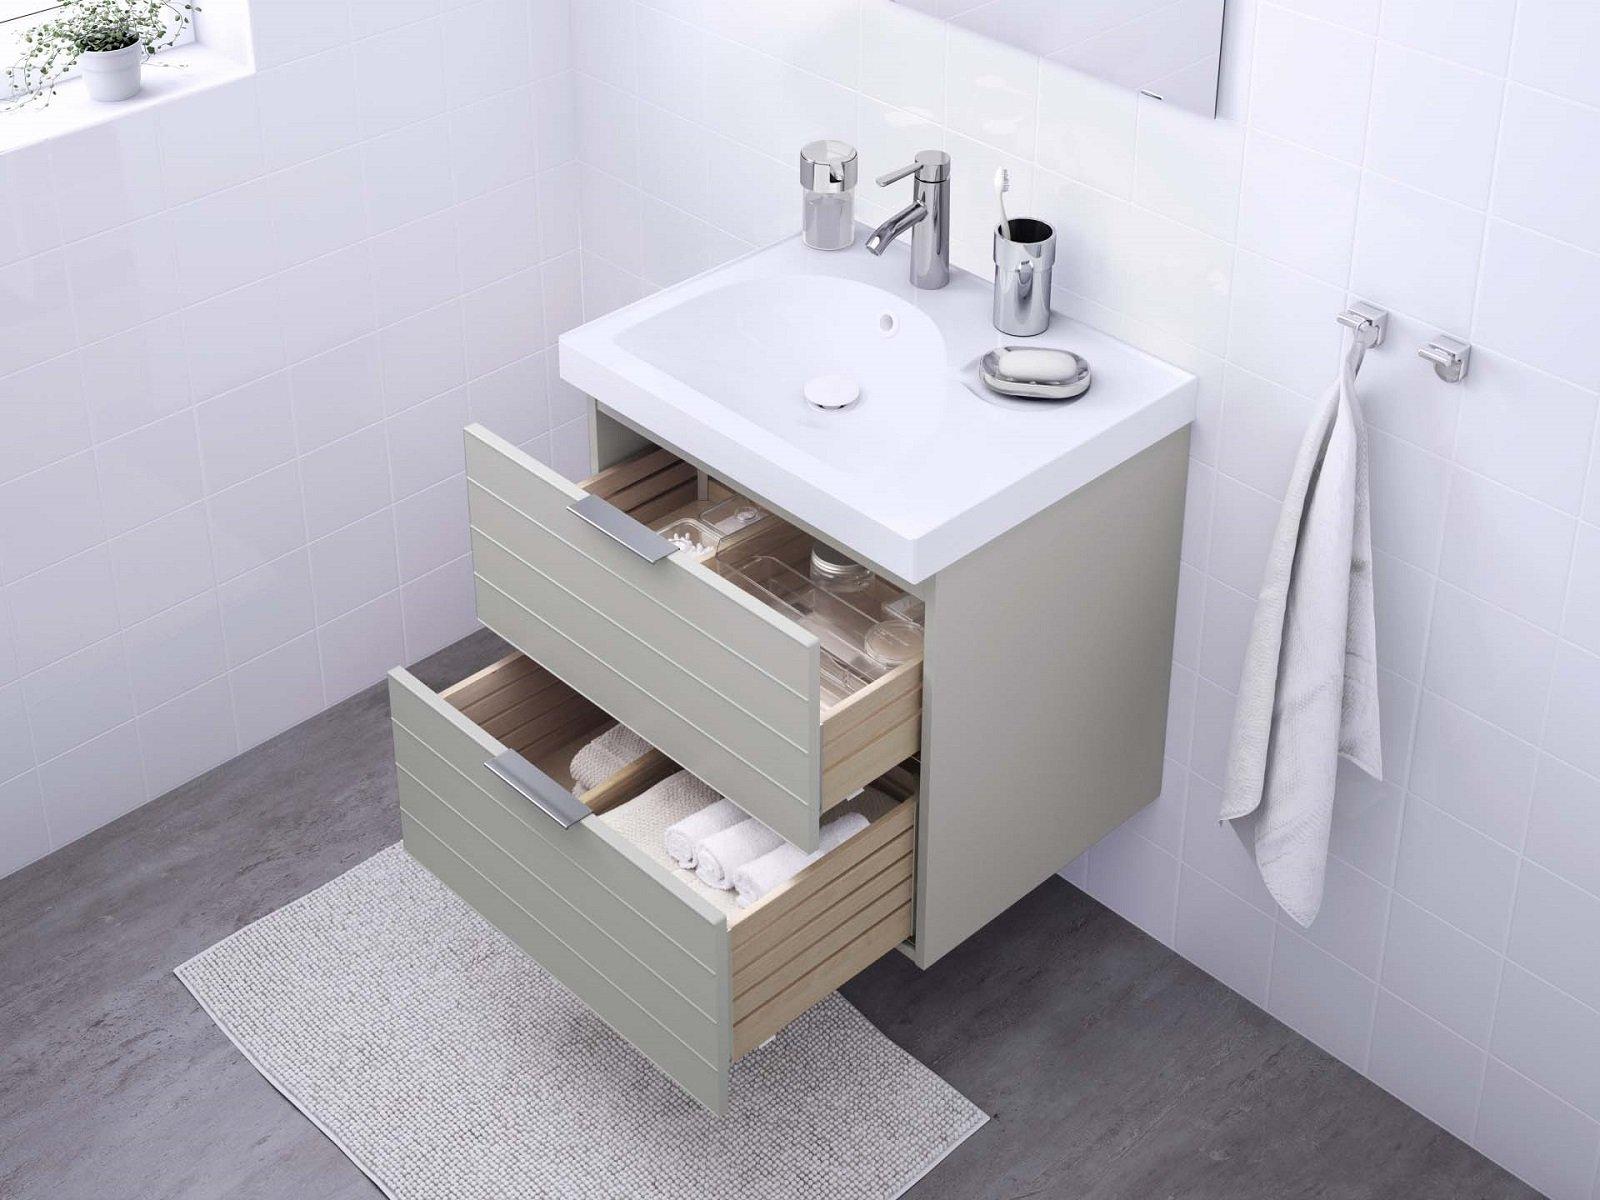 Lavabo Con Mobiletto Sospeso : I mobili lavabo sospesi sono i protagonisti dell arredo bagno